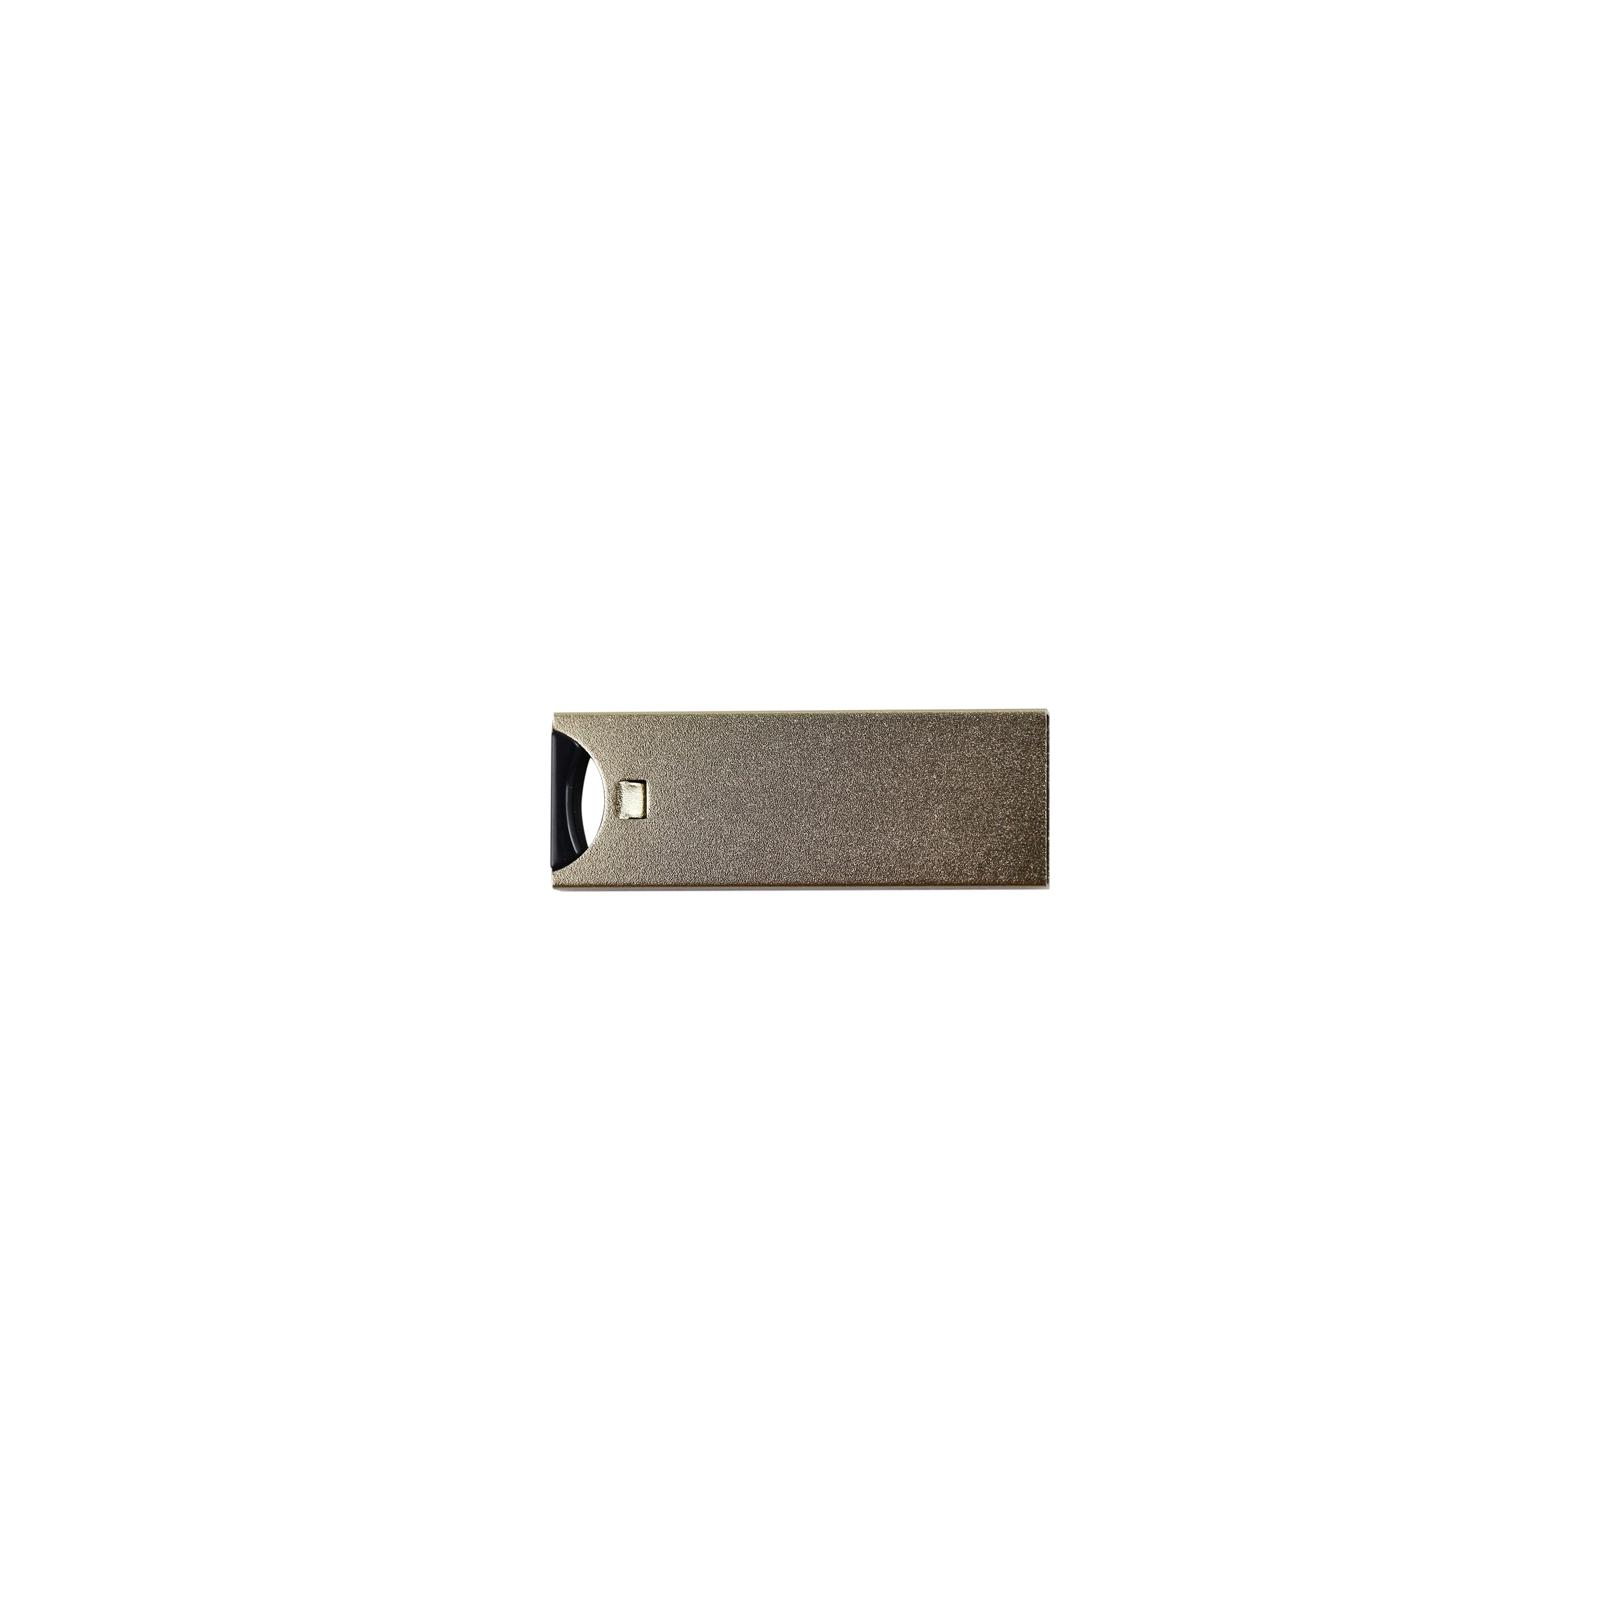 USB флеш накопитель 16GB AH133 Champagne Gold RP USB2.0 Apacer (AP16GAH133C-1) изображение 3